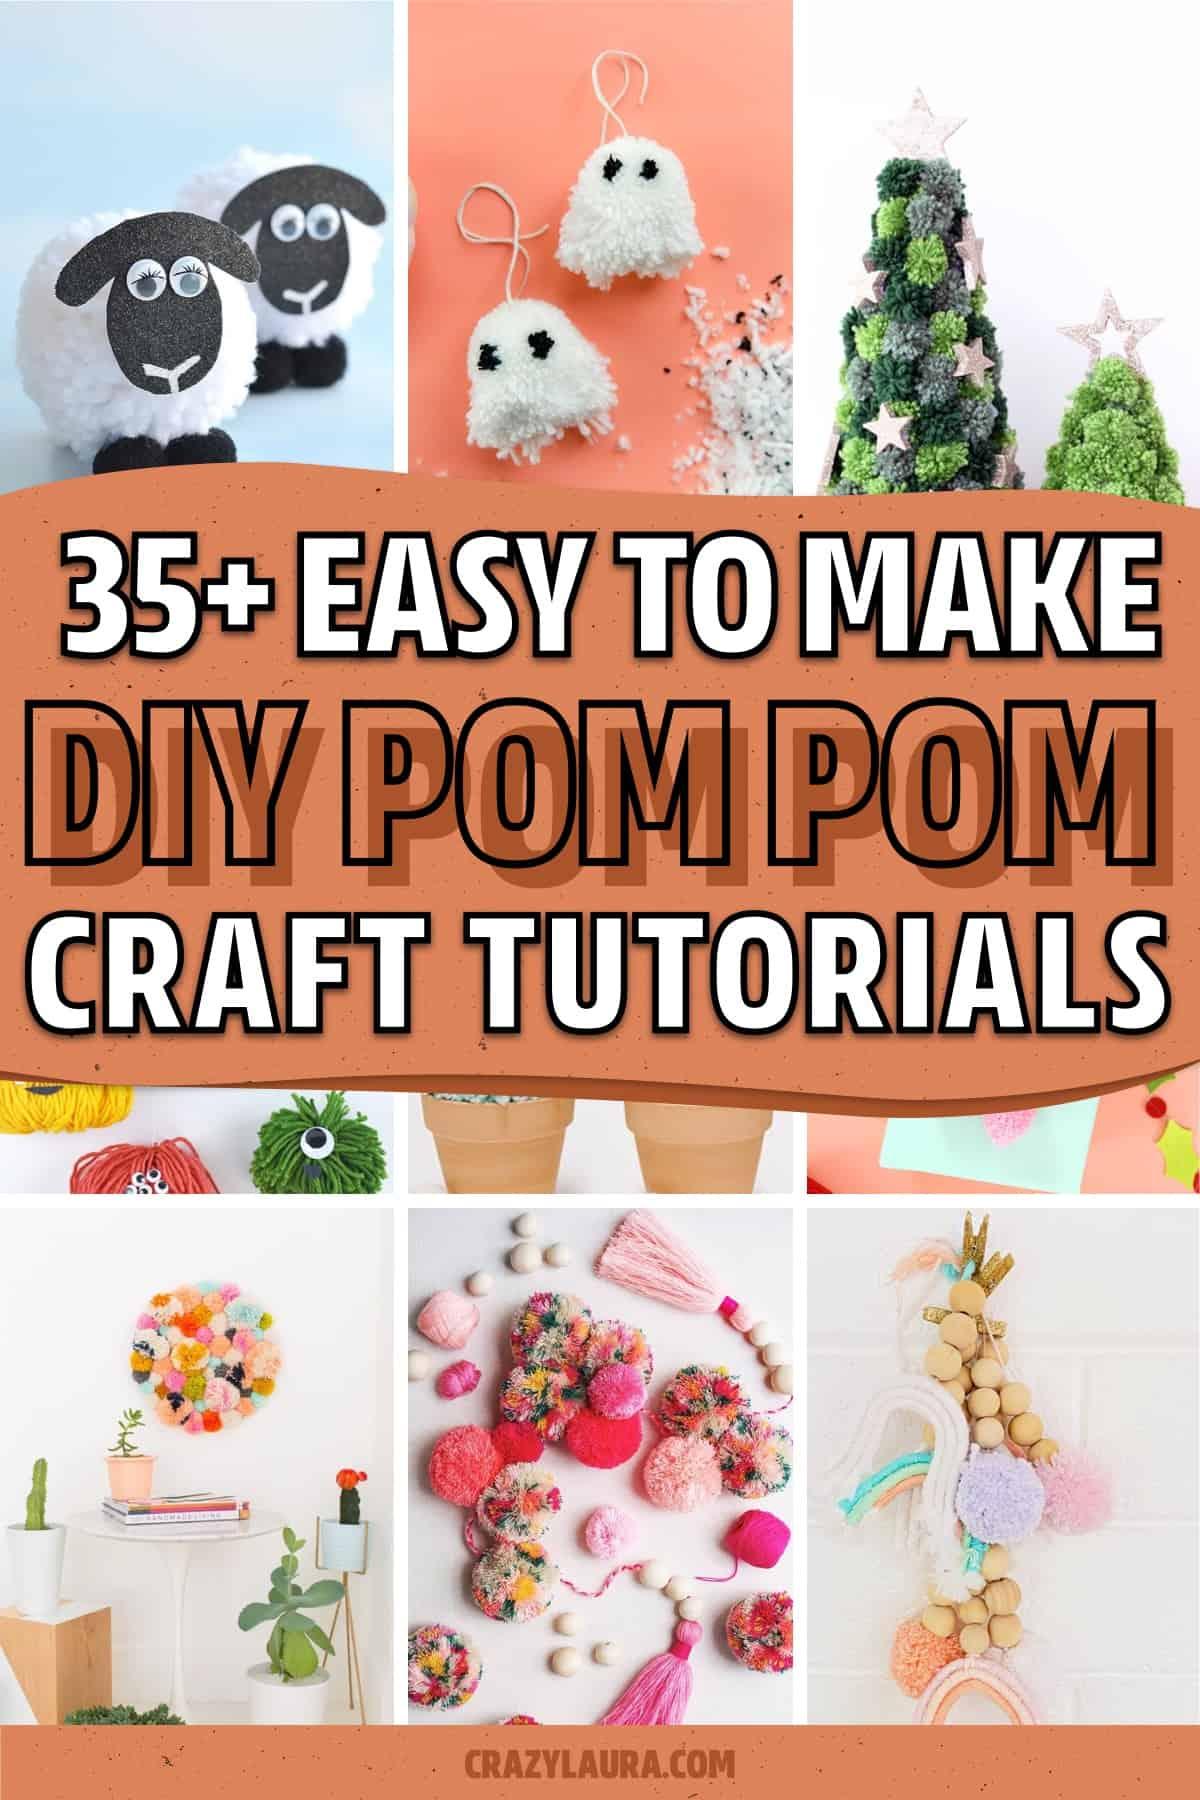 diy pom pom tutorials to follow